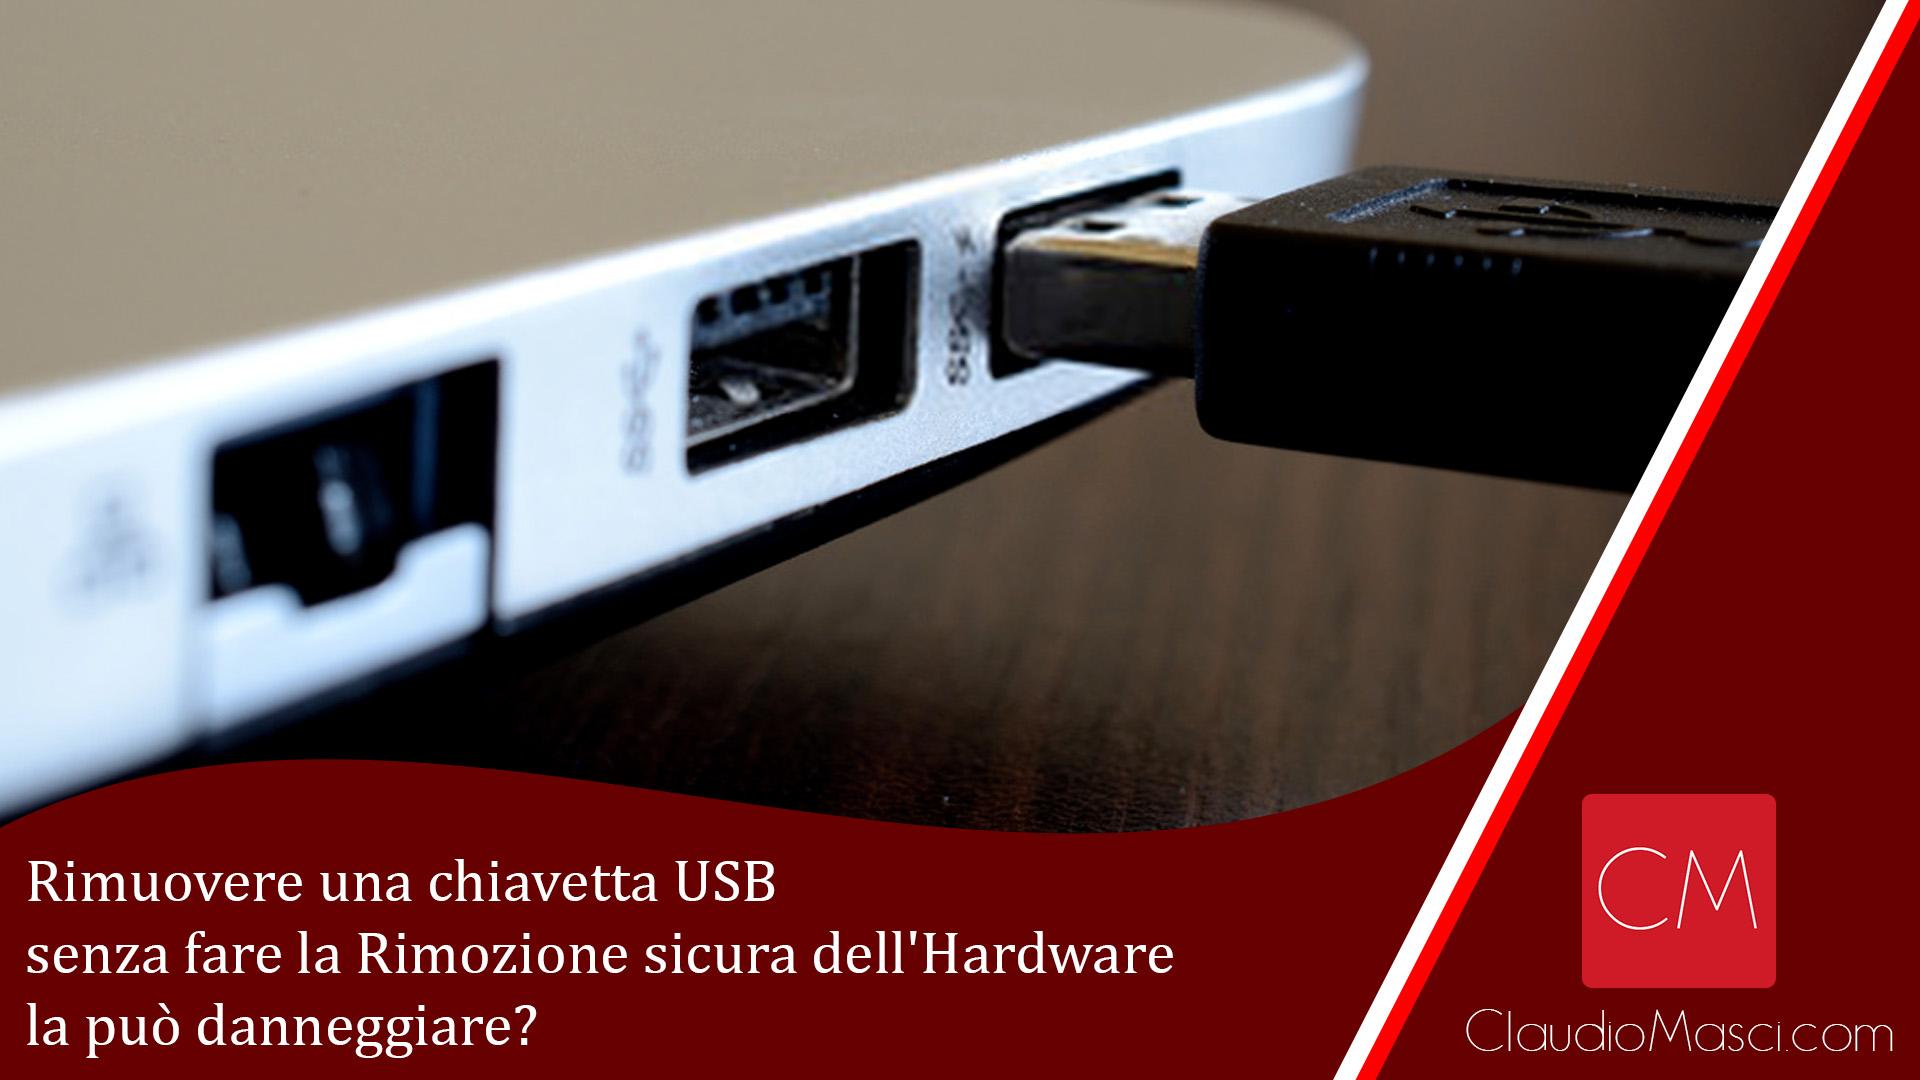 Rimuovere una chiavetta USB senza fare la Rimozione sicura dell'Hardware la può danneggiare?